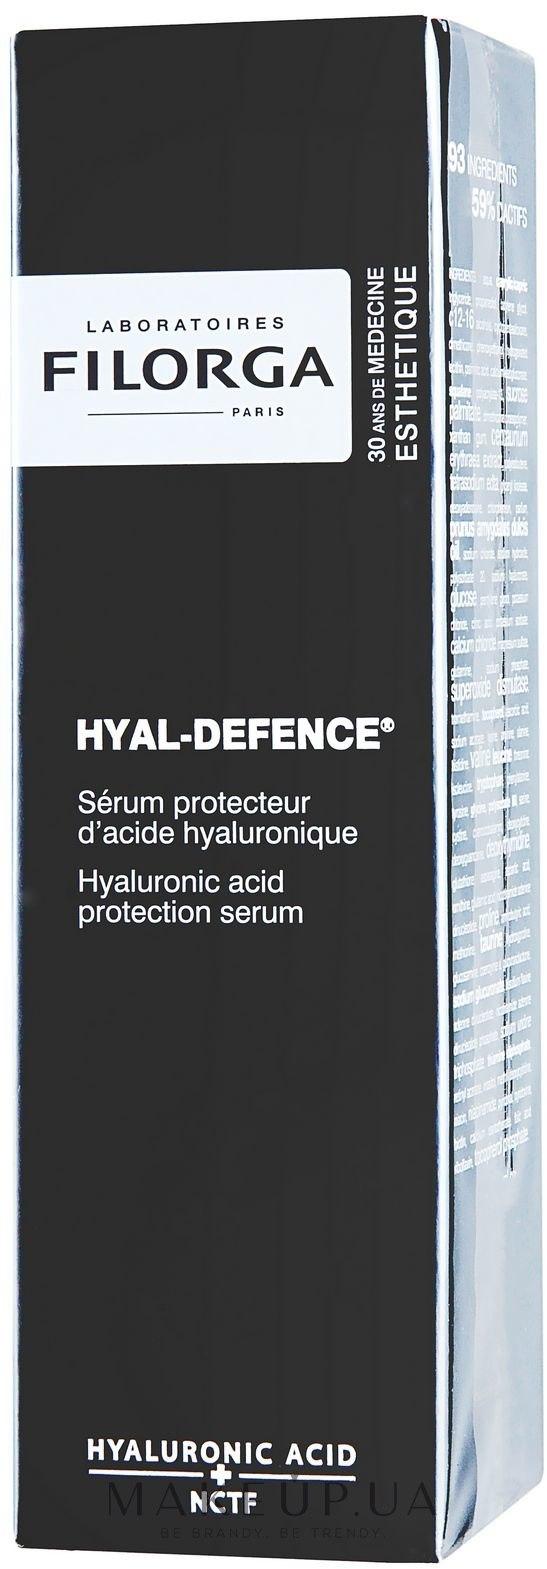 makeup filorga hyal defence serum protecteur d acide. Black Bedroom Furniture Sets. Home Design Ideas